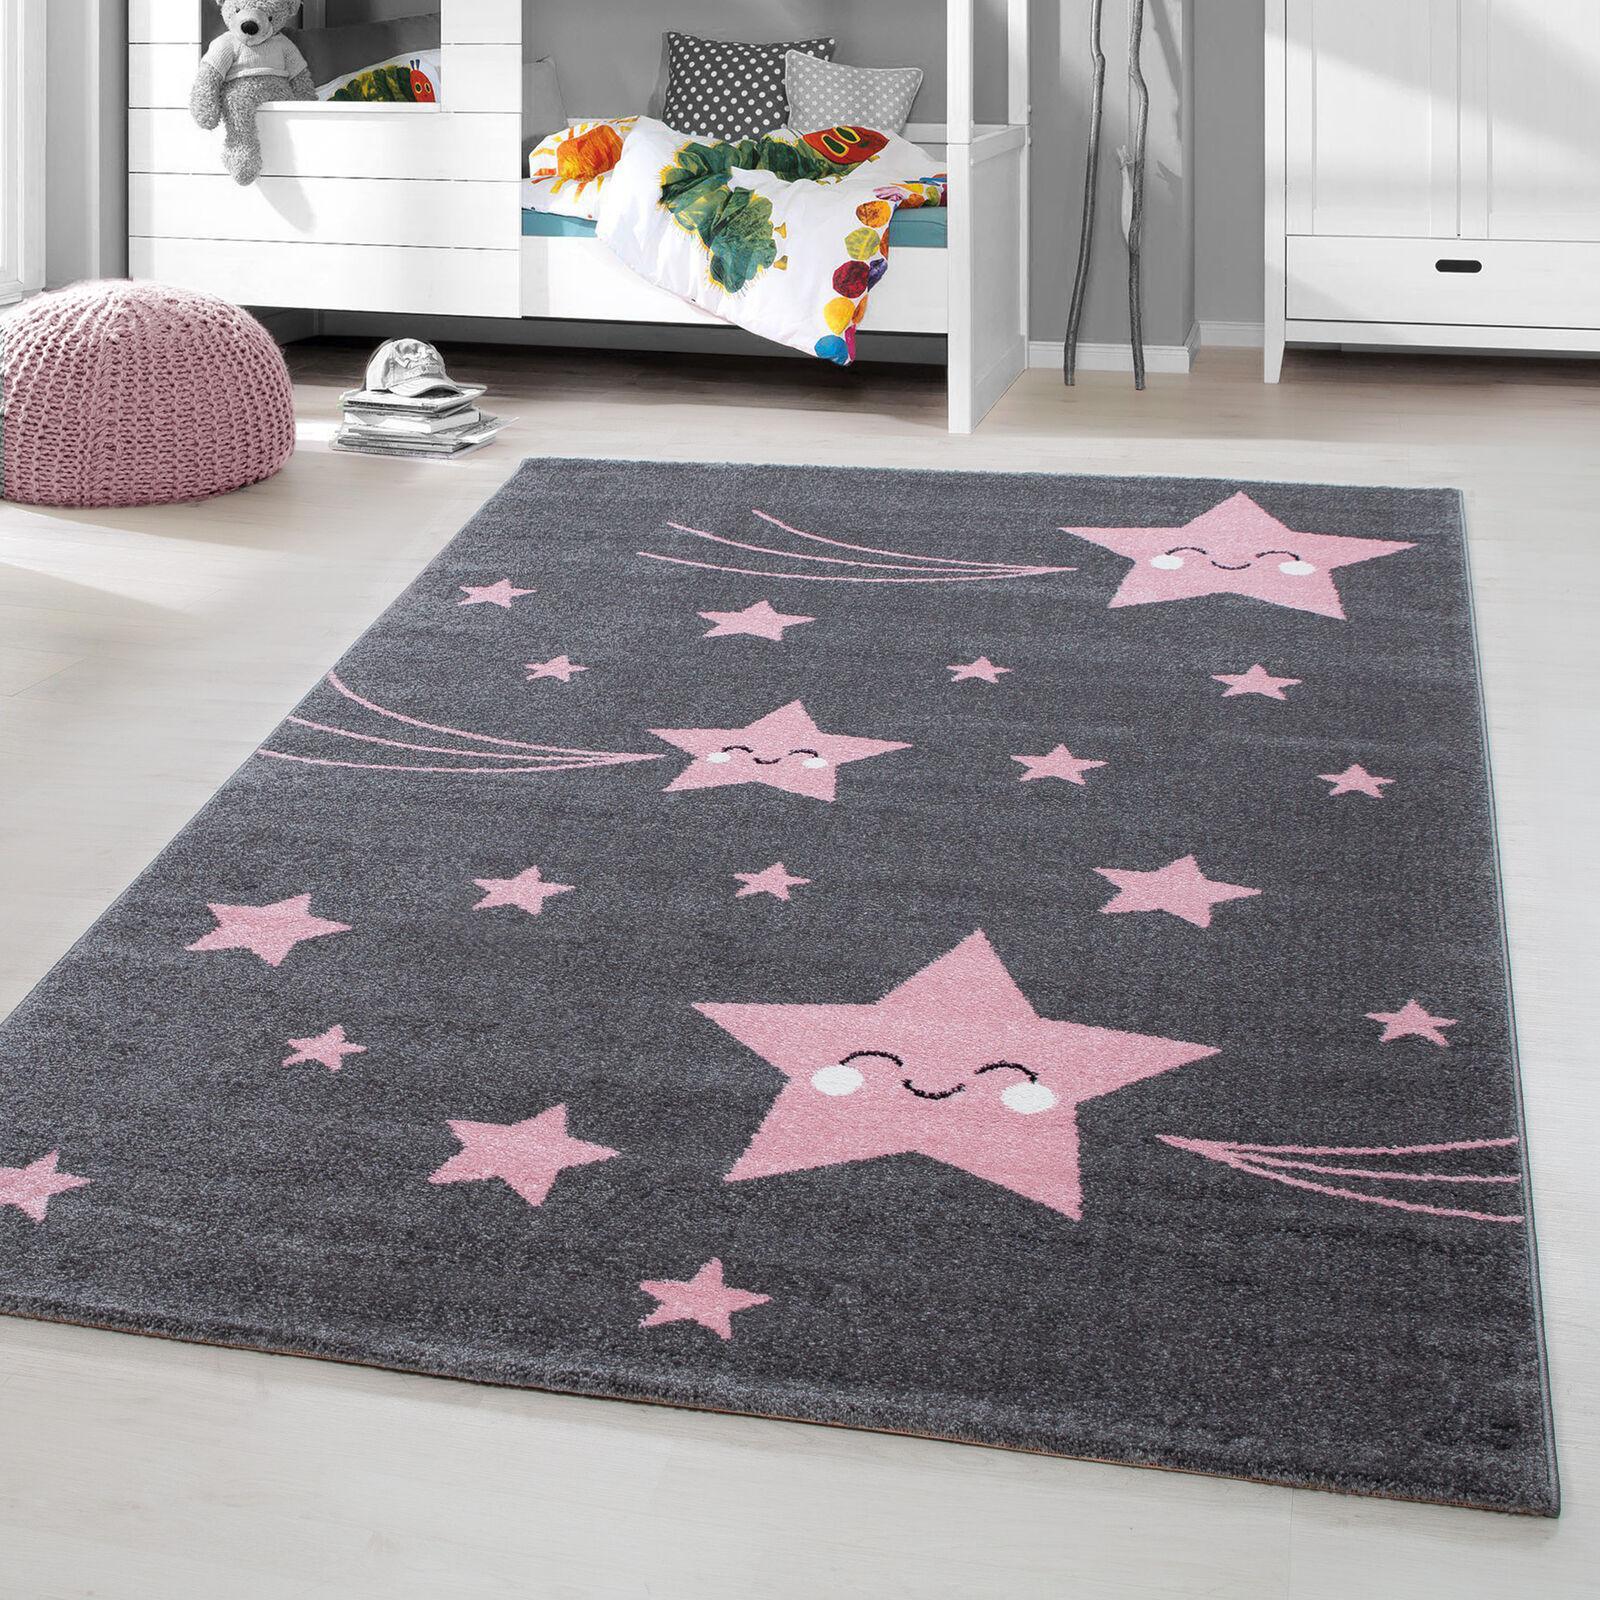 Kinderteppich Kurzflor Laecheln Stern Baby Kinderzimmer  Grau Pink  Meliert